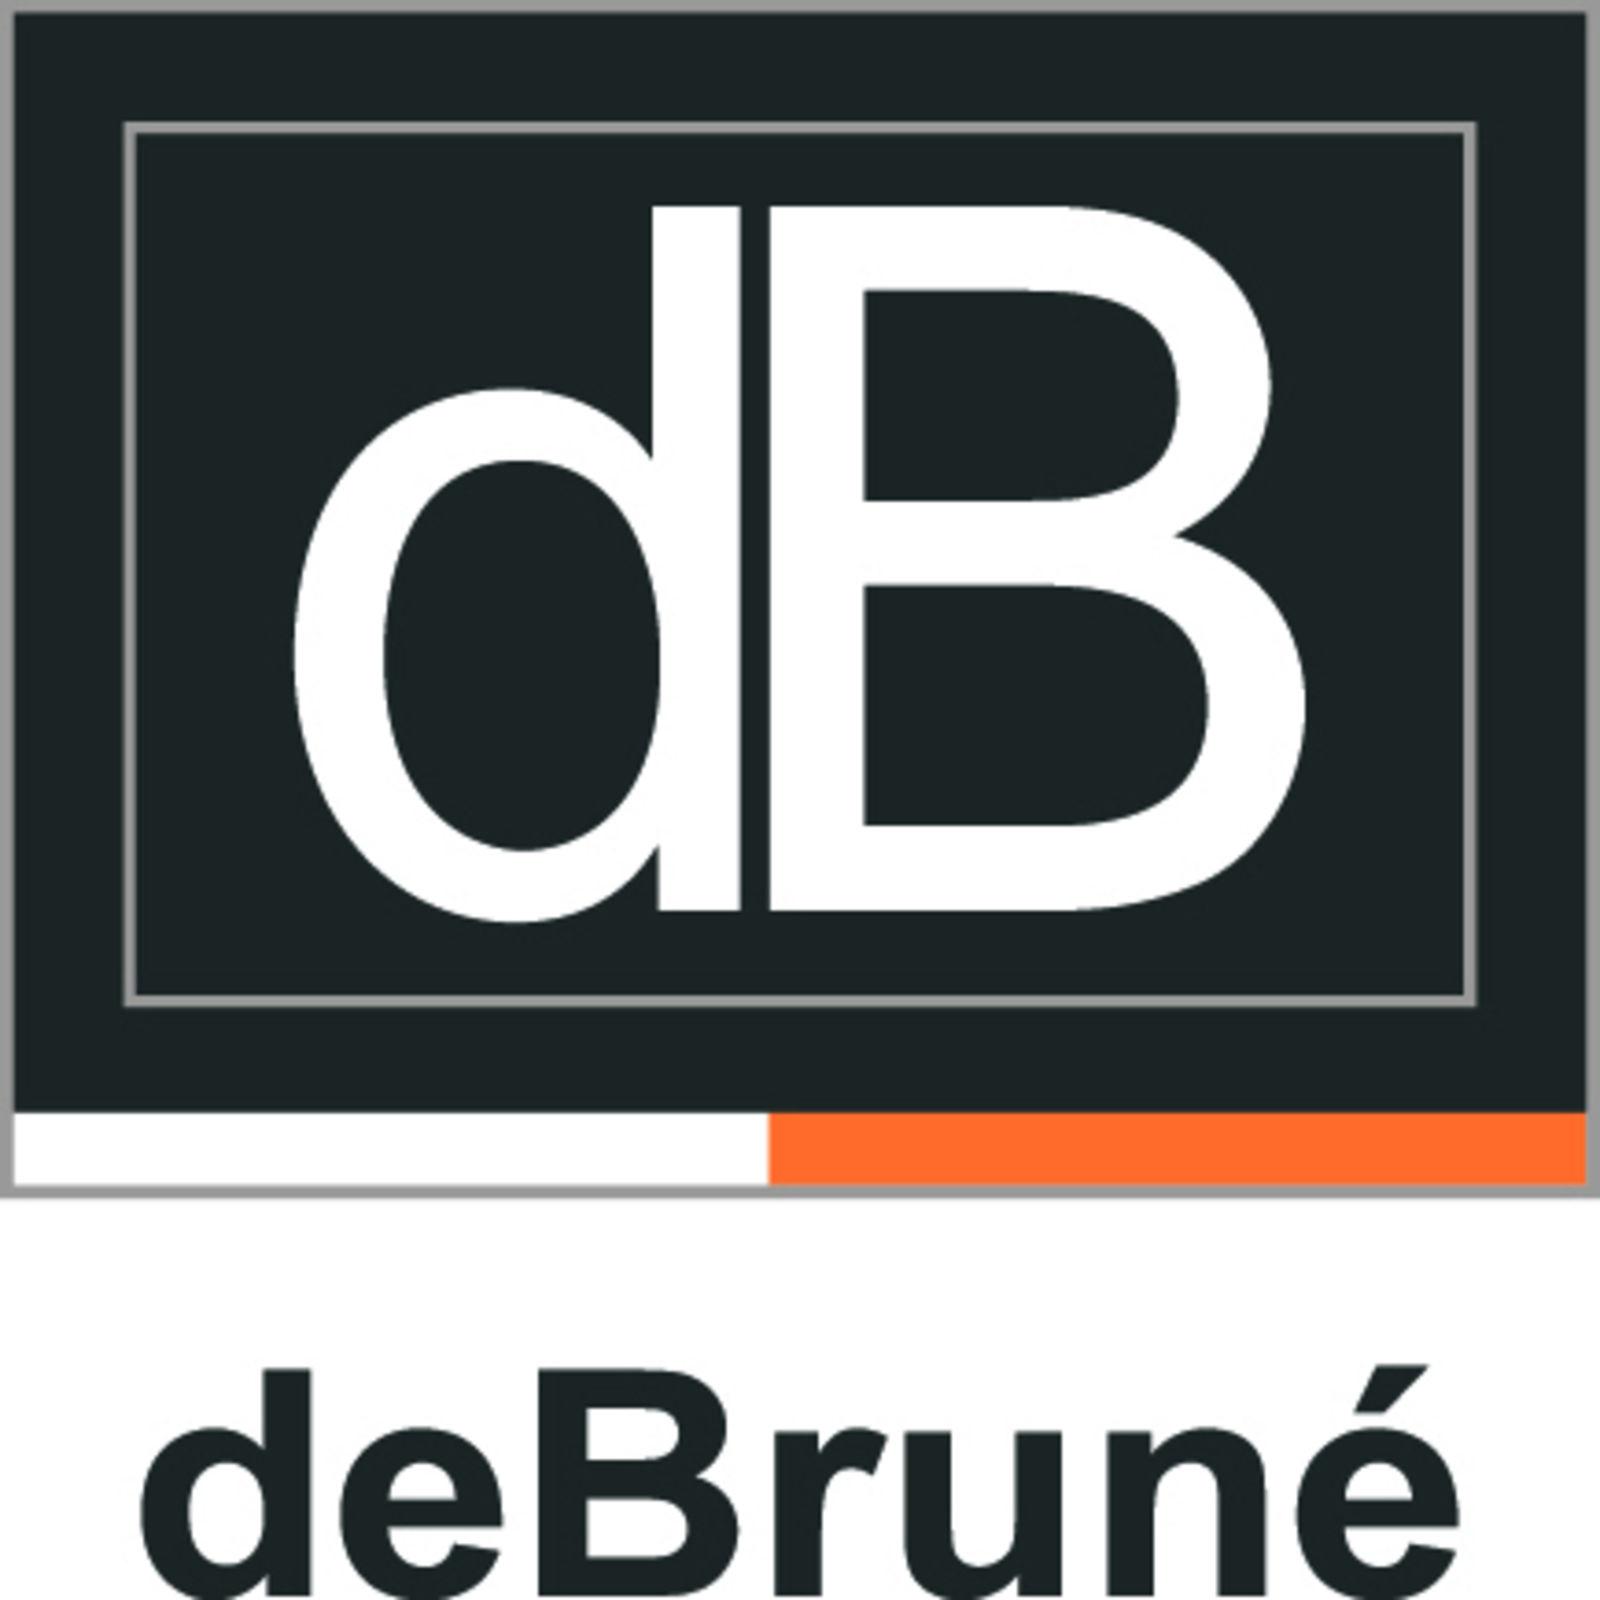 deBruné